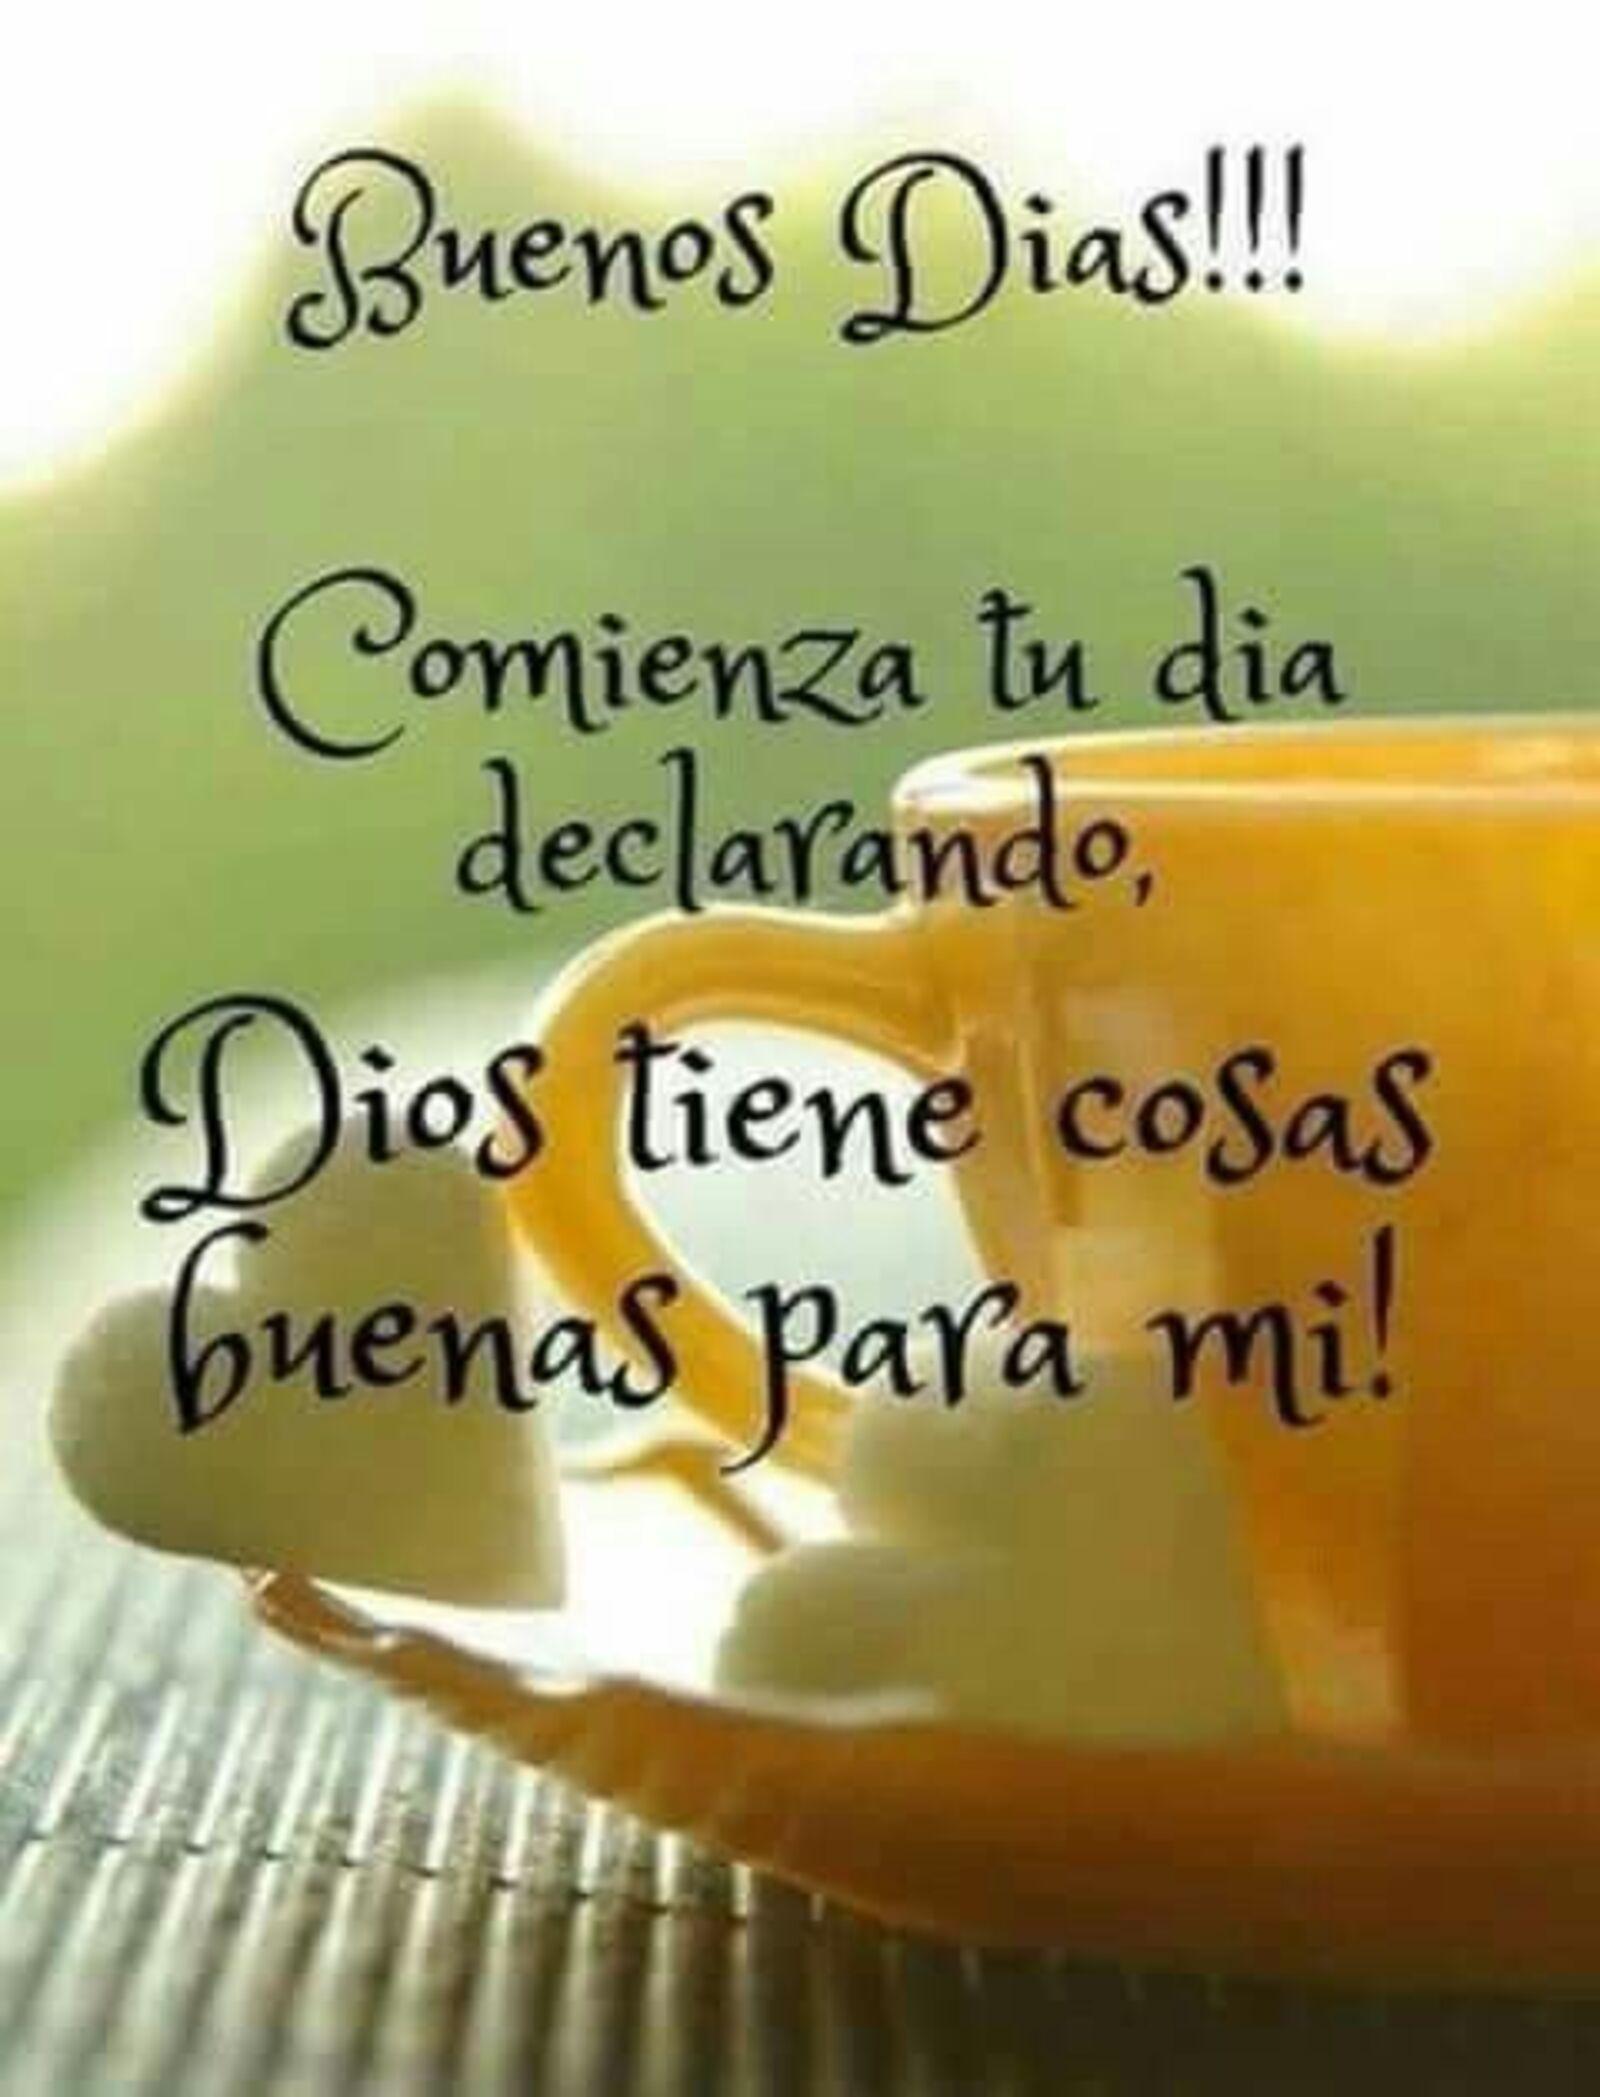 Buenos días comienza tu día declarando, Dios tiene cosas buenas para mi!